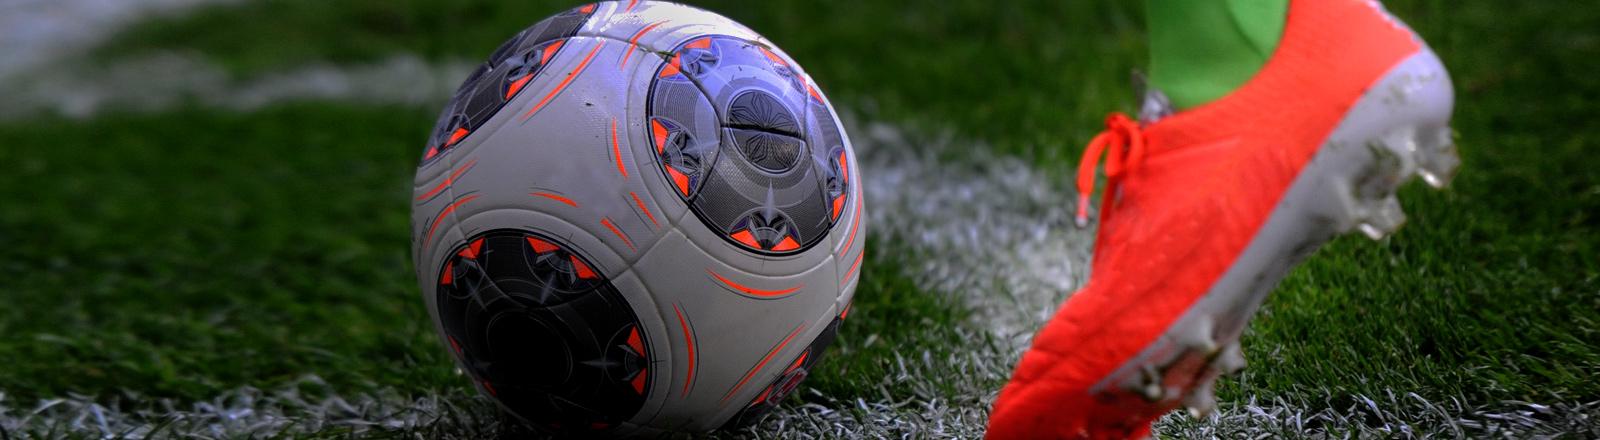 Ein Bein mit einem orange-farbenen Fußballschuh tritt gegen einen Fußball.